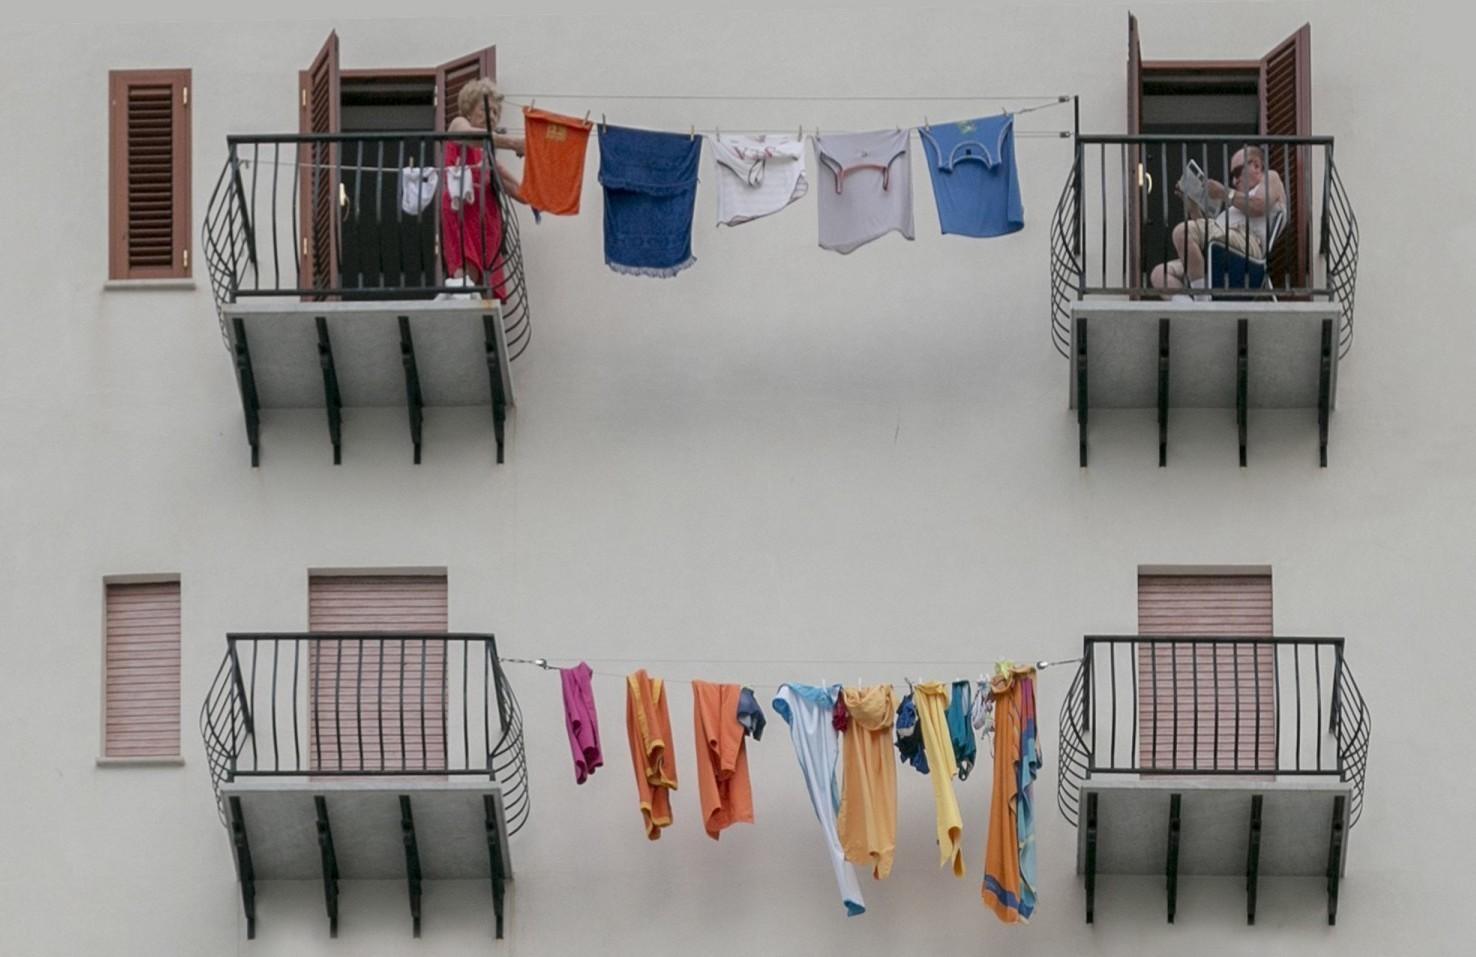 Vicini di casa rumorosi in condominio, cosa si può fare. Come difendersi